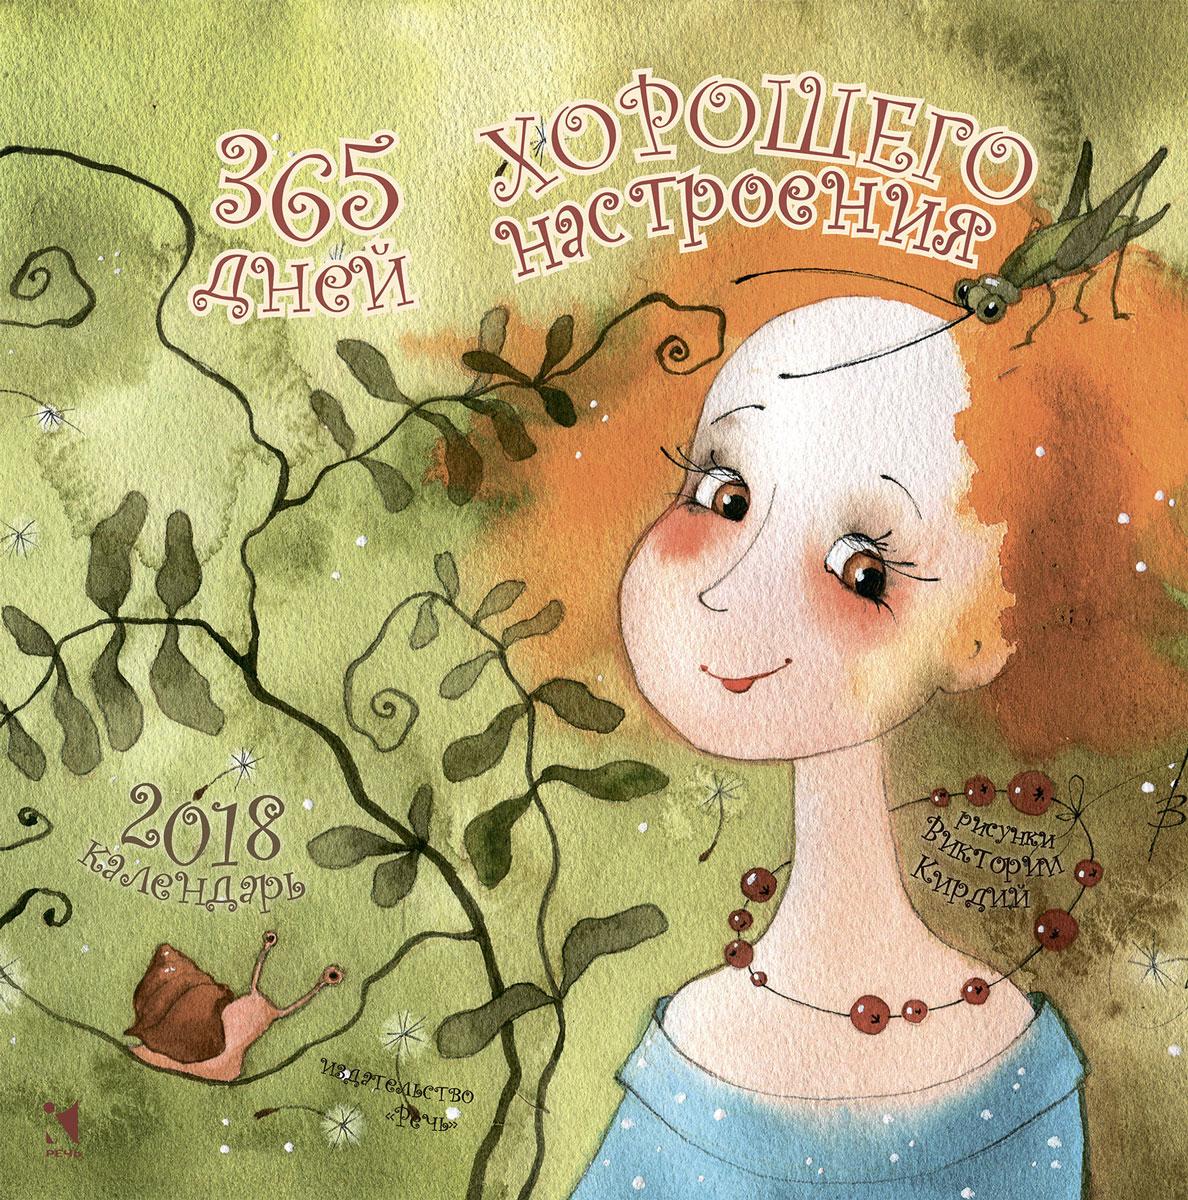 Календарь на 2018 год. 365 дней хорошего настроения, Кирдий Виктория Эрнестовна